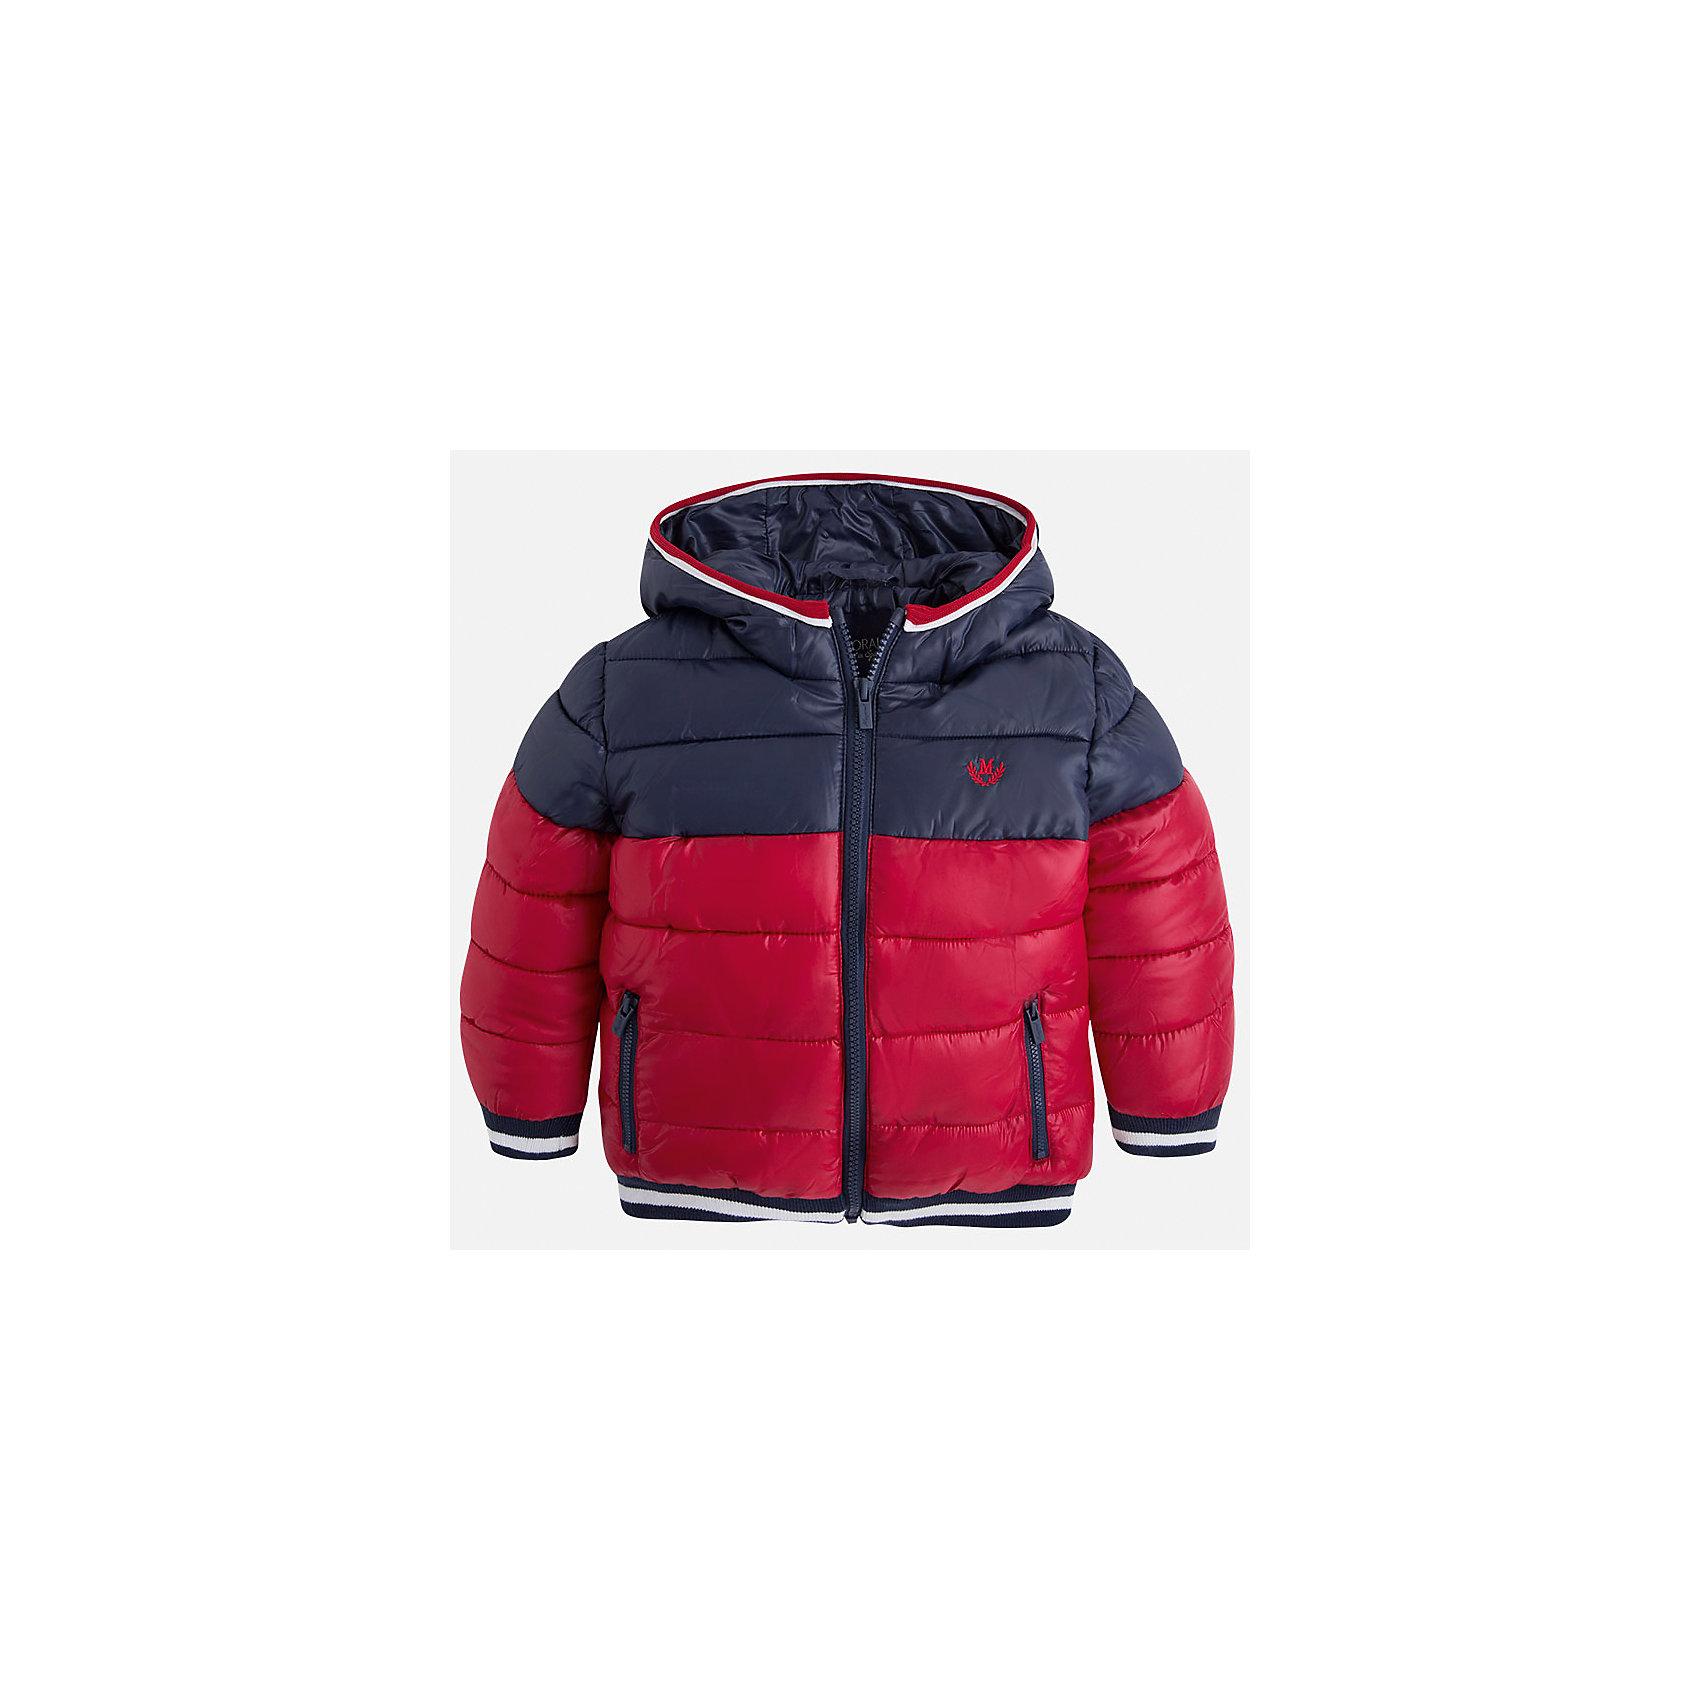 Куртка для мальчика MayoralСкоро осень, а значит Вашему малышу скоро понадобиться что-нибудь теплое. Значит, Вам прекрасно подойдет стильная, двухцветная и теплая куртка Mayoral!<br>Порадуйте своего ребенка хорошим подарком!<br><br>Дополнительная информация:<br><br>- Крой: прямой крой.<br>- Страна бренда: Испания.<br>- Состав: <br>Верхняя ткань: полиэстер 100%.<br>Подкладка: полиэстер 100%.<br>Наполнитель: полиэстер 100%.<br>- Цвет: темно синий и красный.<br>- Уход: бережная стирка при 30 градусах.<br><br>Купить куртку для мальчика Mayoral можно в нашем магазине.<br><br>Ширина мм: 356<br>Глубина мм: 10<br>Высота мм: 245<br>Вес г: 519<br>Цвет: бордовый<br>Возраст от месяцев: 60<br>Возраст до месяцев: 72<br>Пол: Мужской<br>Возраст: Детский<br>Размер: 116,104,122,98,134,128,110<br>SKU: 4821969